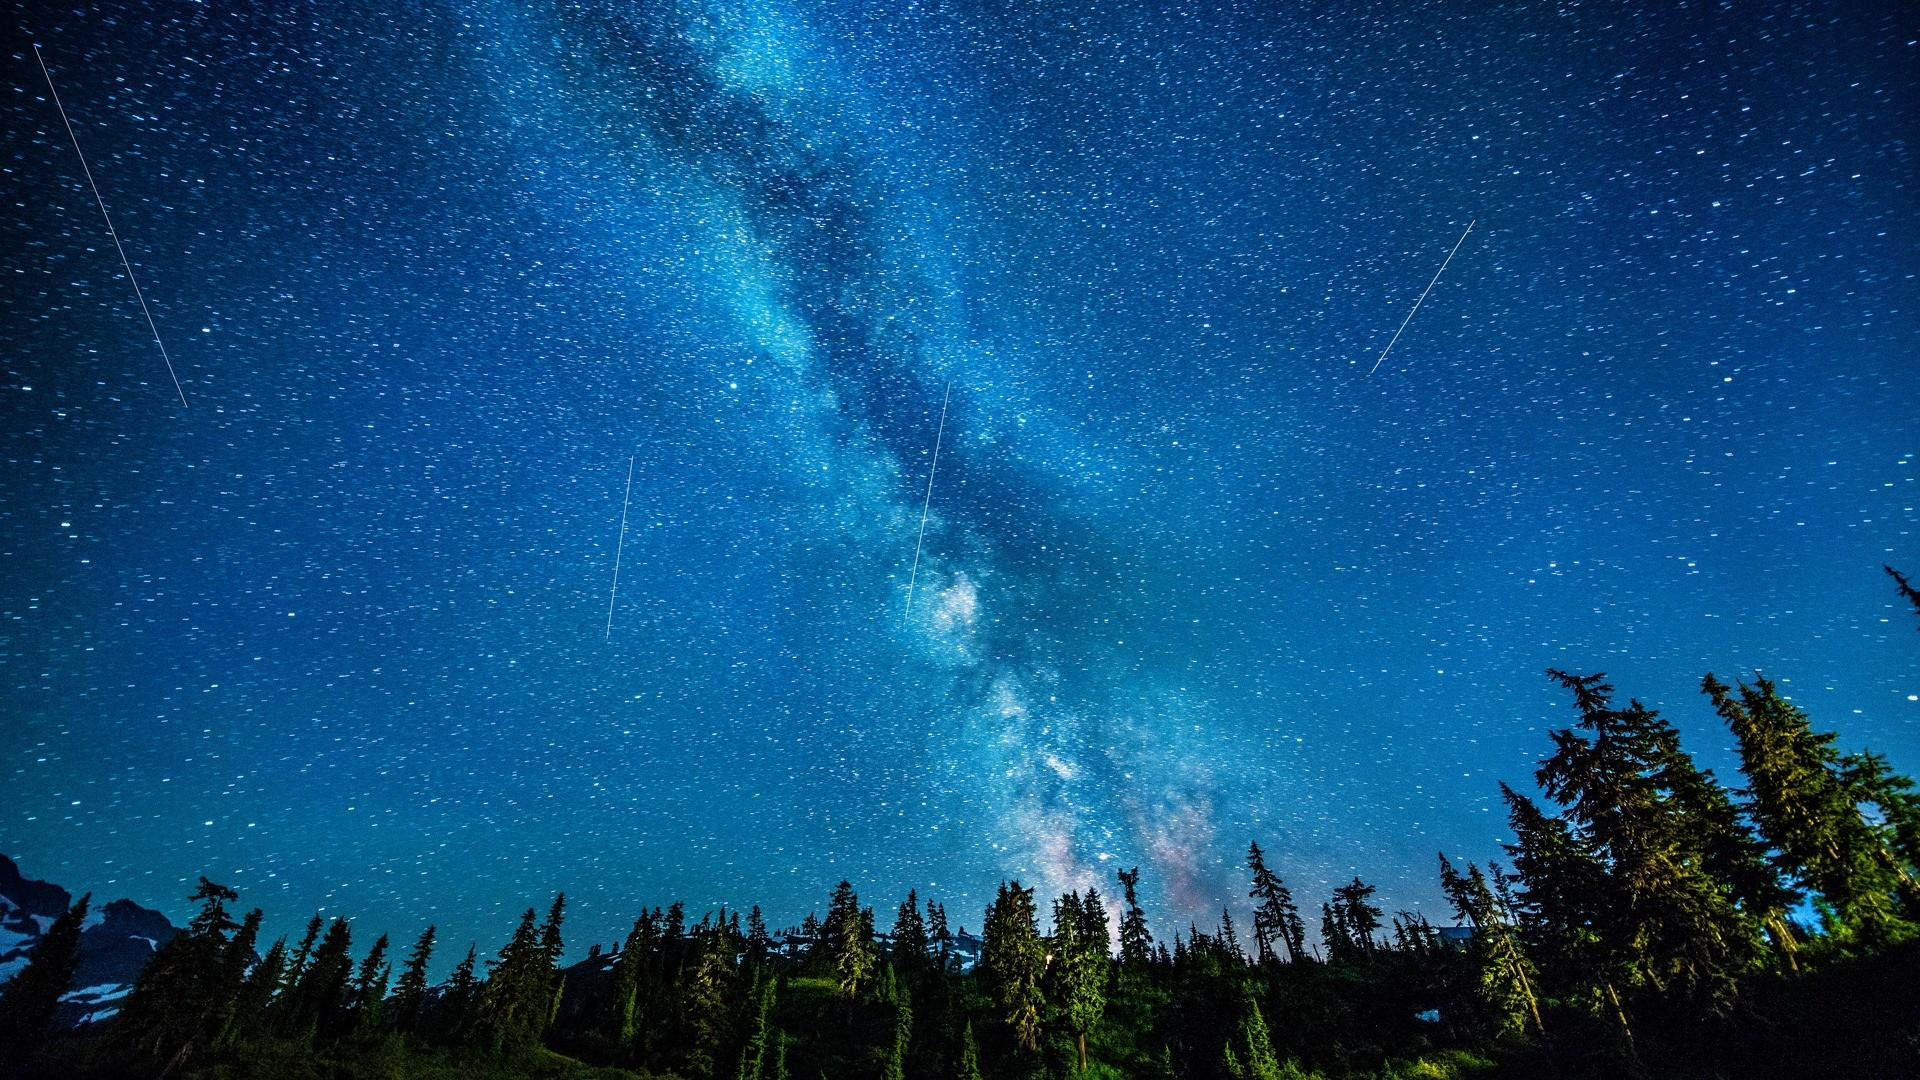 Falling Stars clipart night star #6884095 Clip Clipart Stars Free